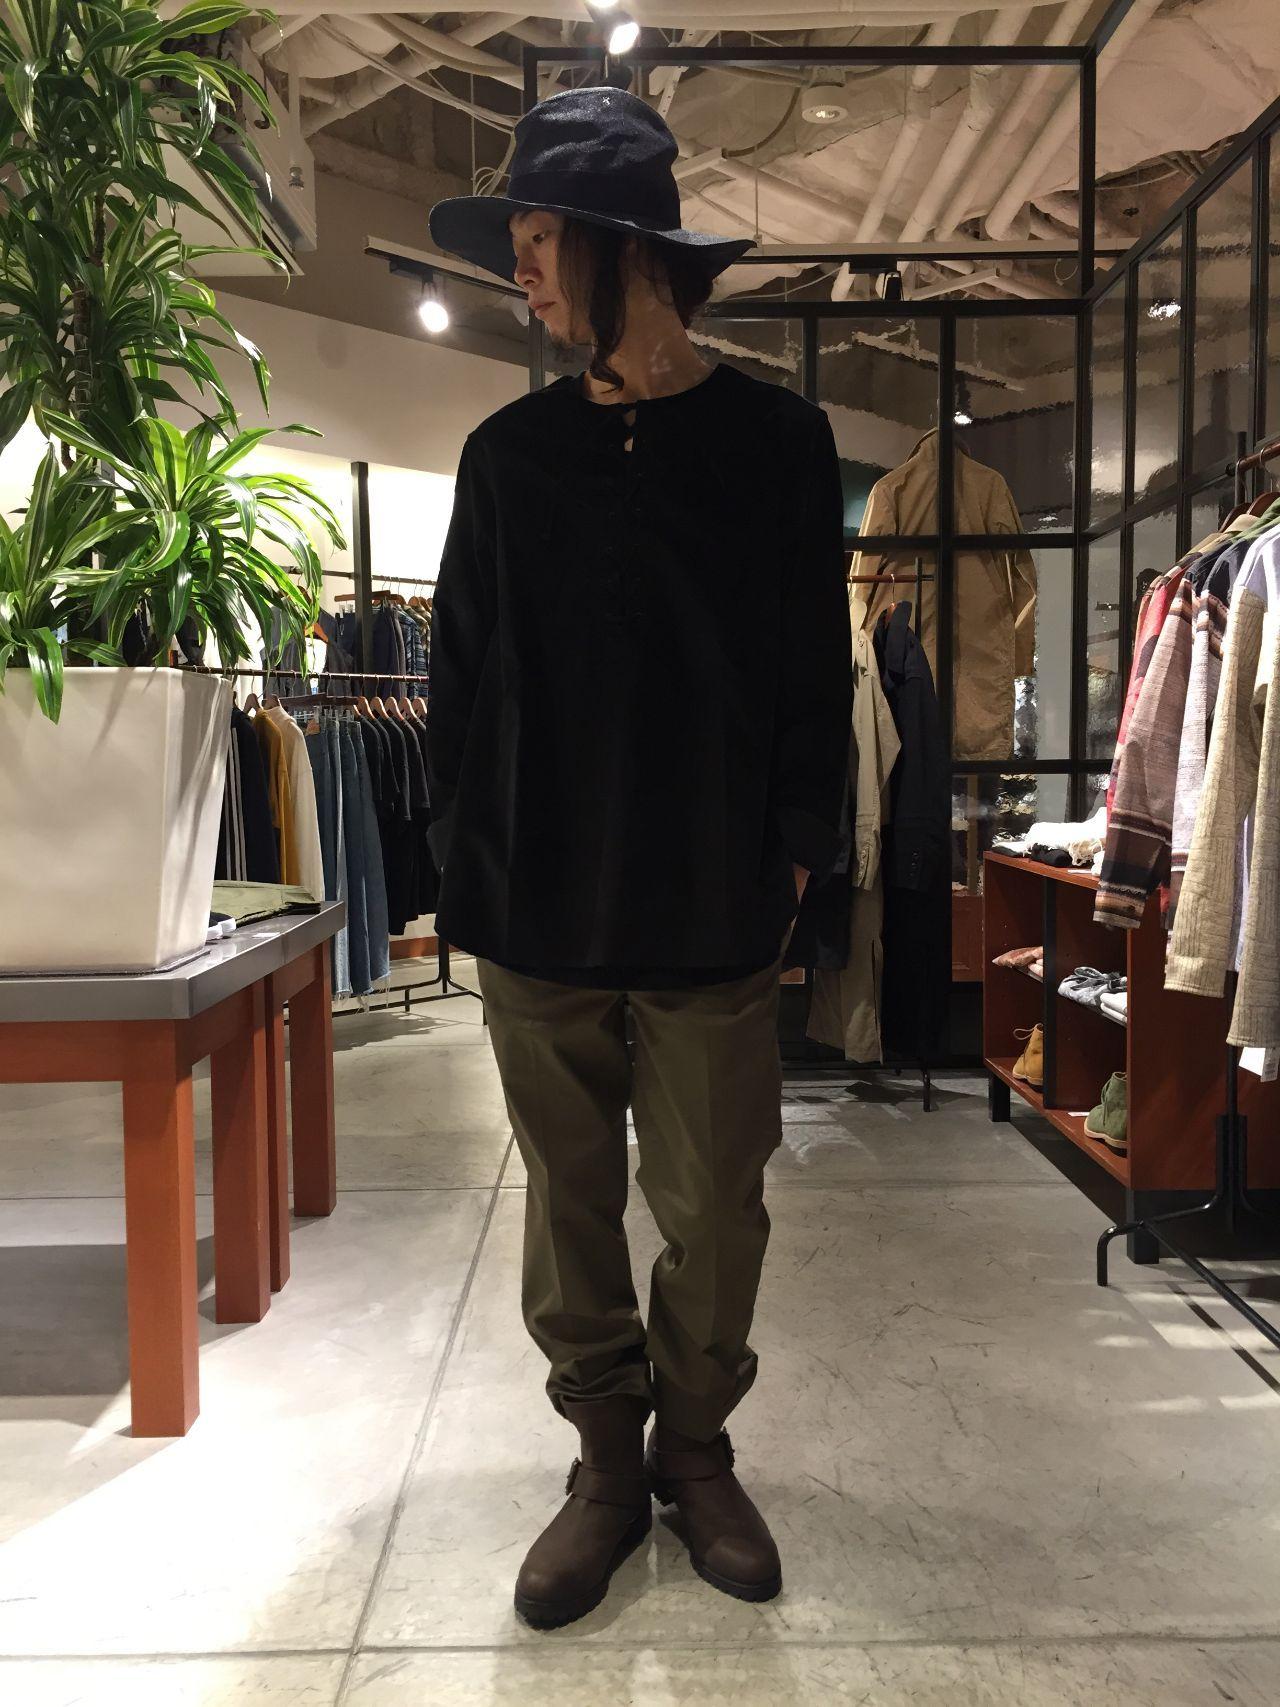 印mathematicsグランフロント大阪店 今年の注目素材ベルベットを使用した秋冬らしいコーディネート。 色味をダークトーンに抑えて大人の男性を意識。